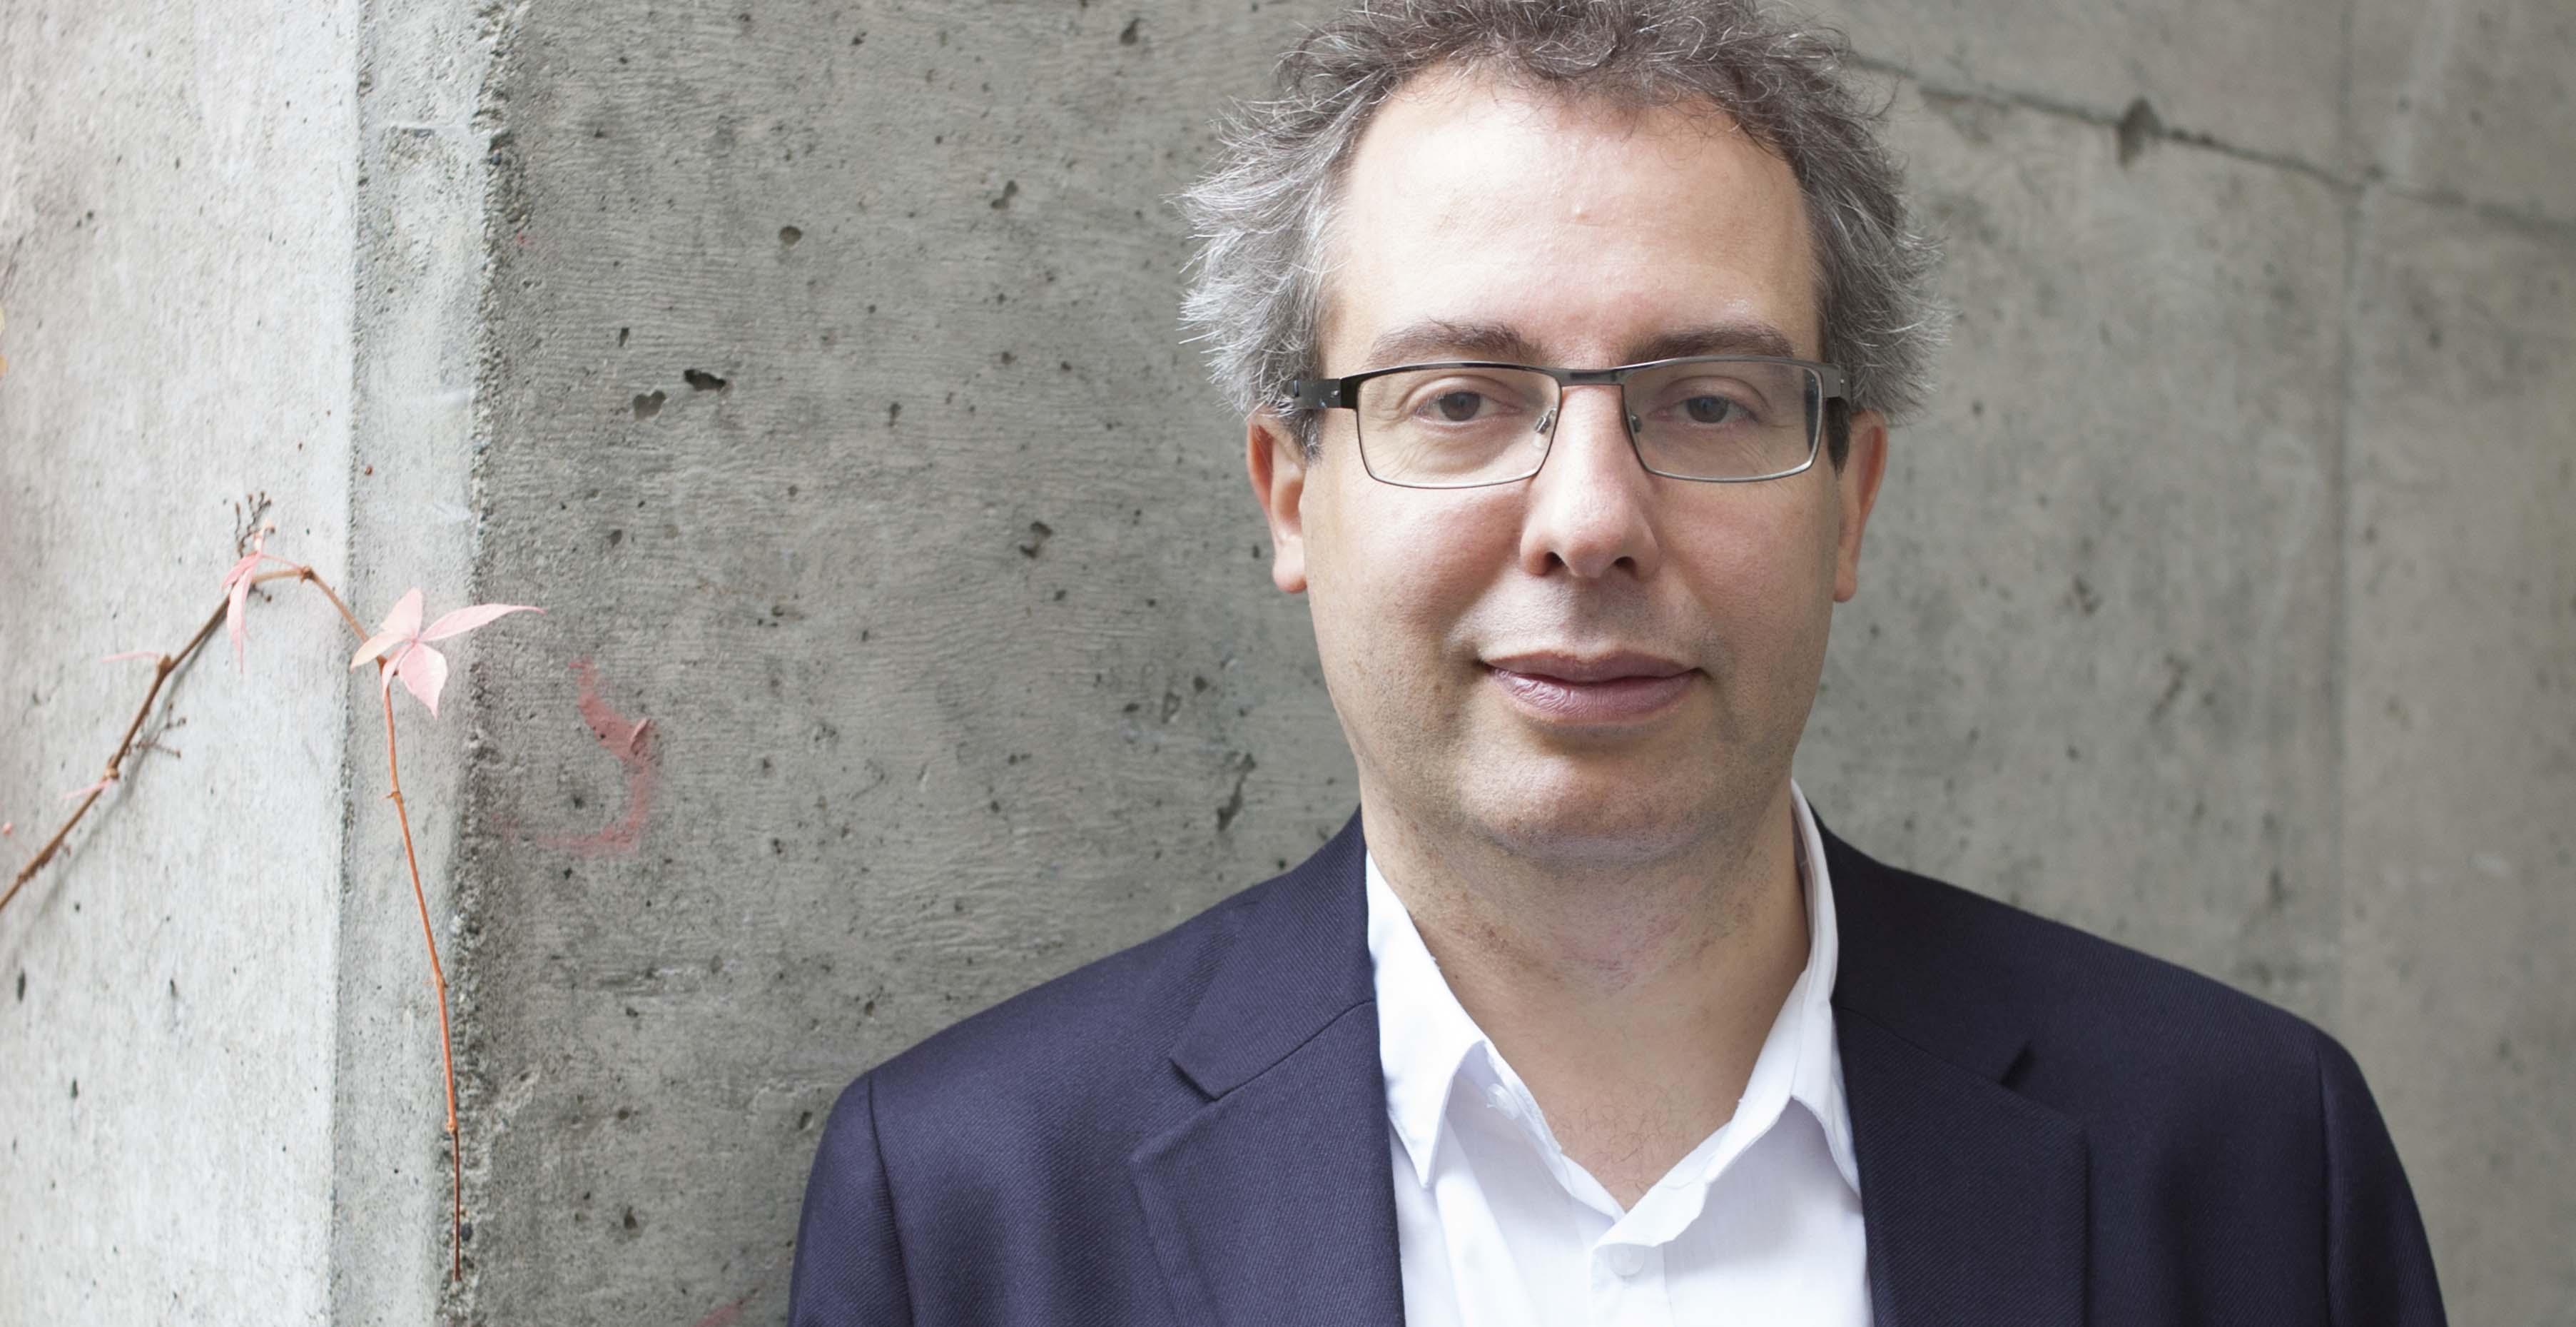 Dániel Péter Biró earns Harvard Fellowship